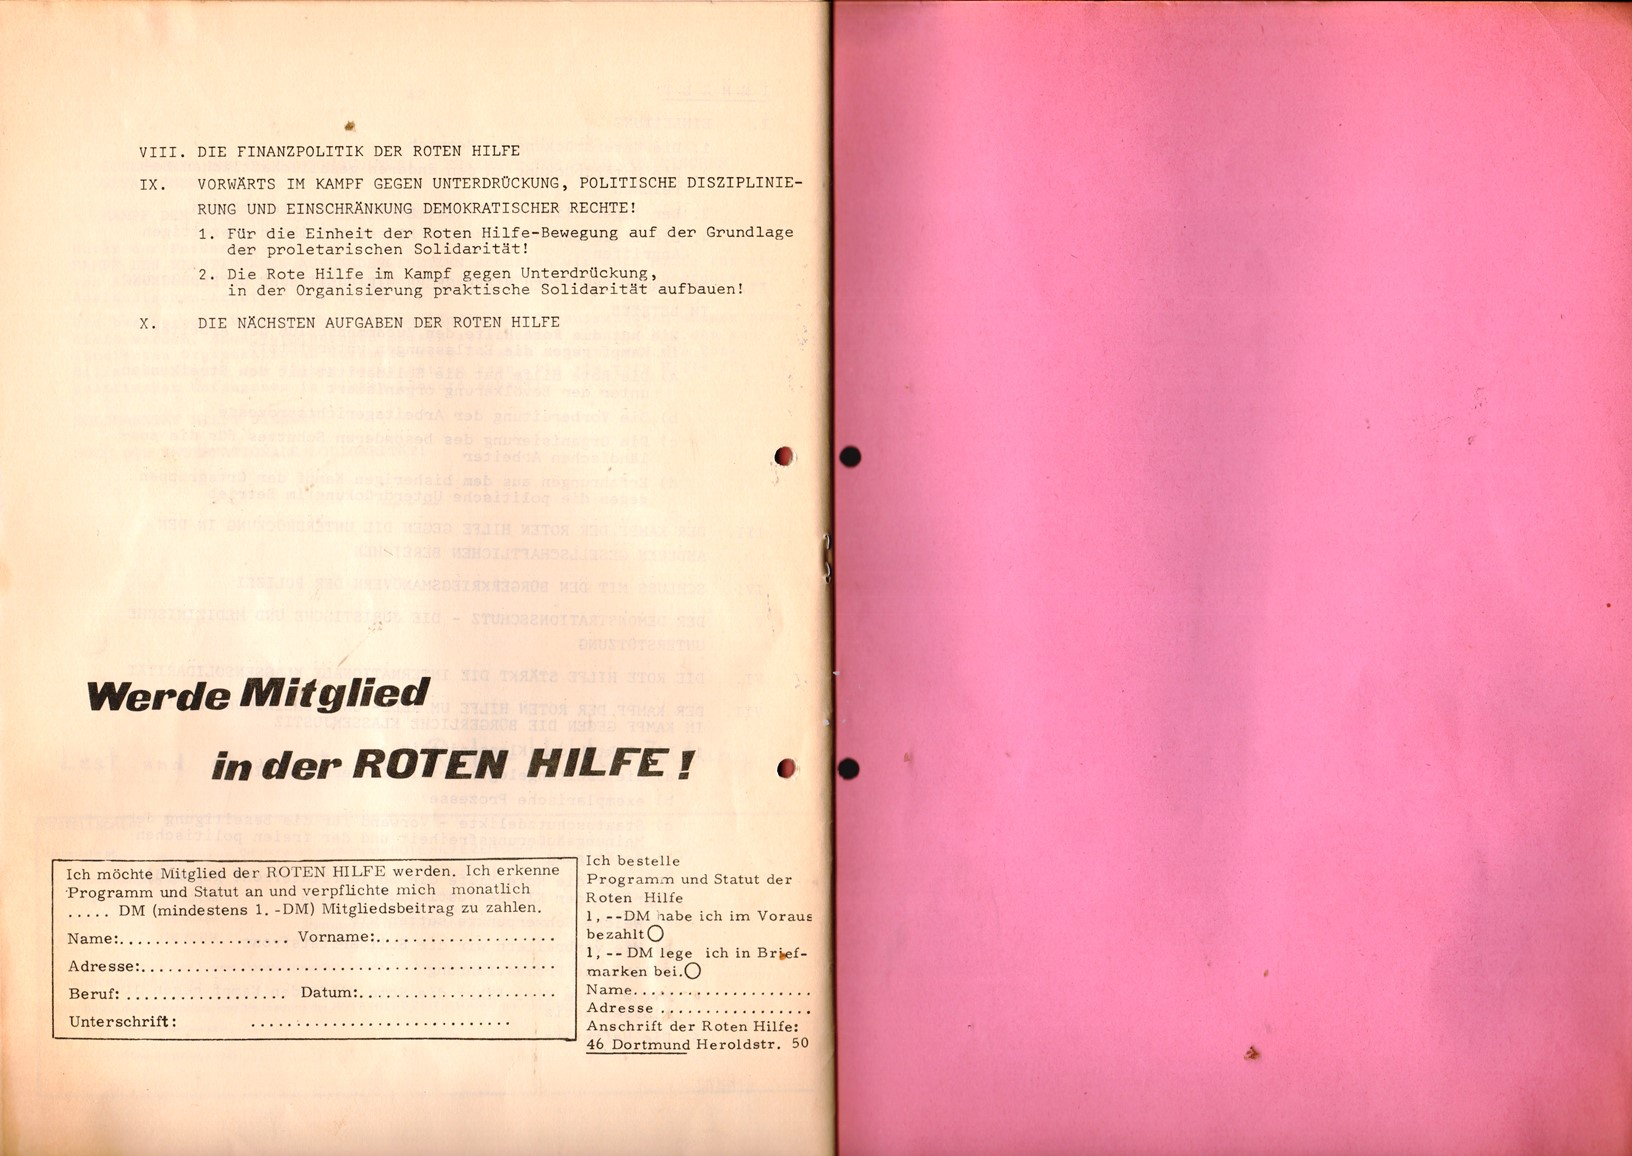 Dortmund_RHev_1974_Rechenschaftsbericht_24